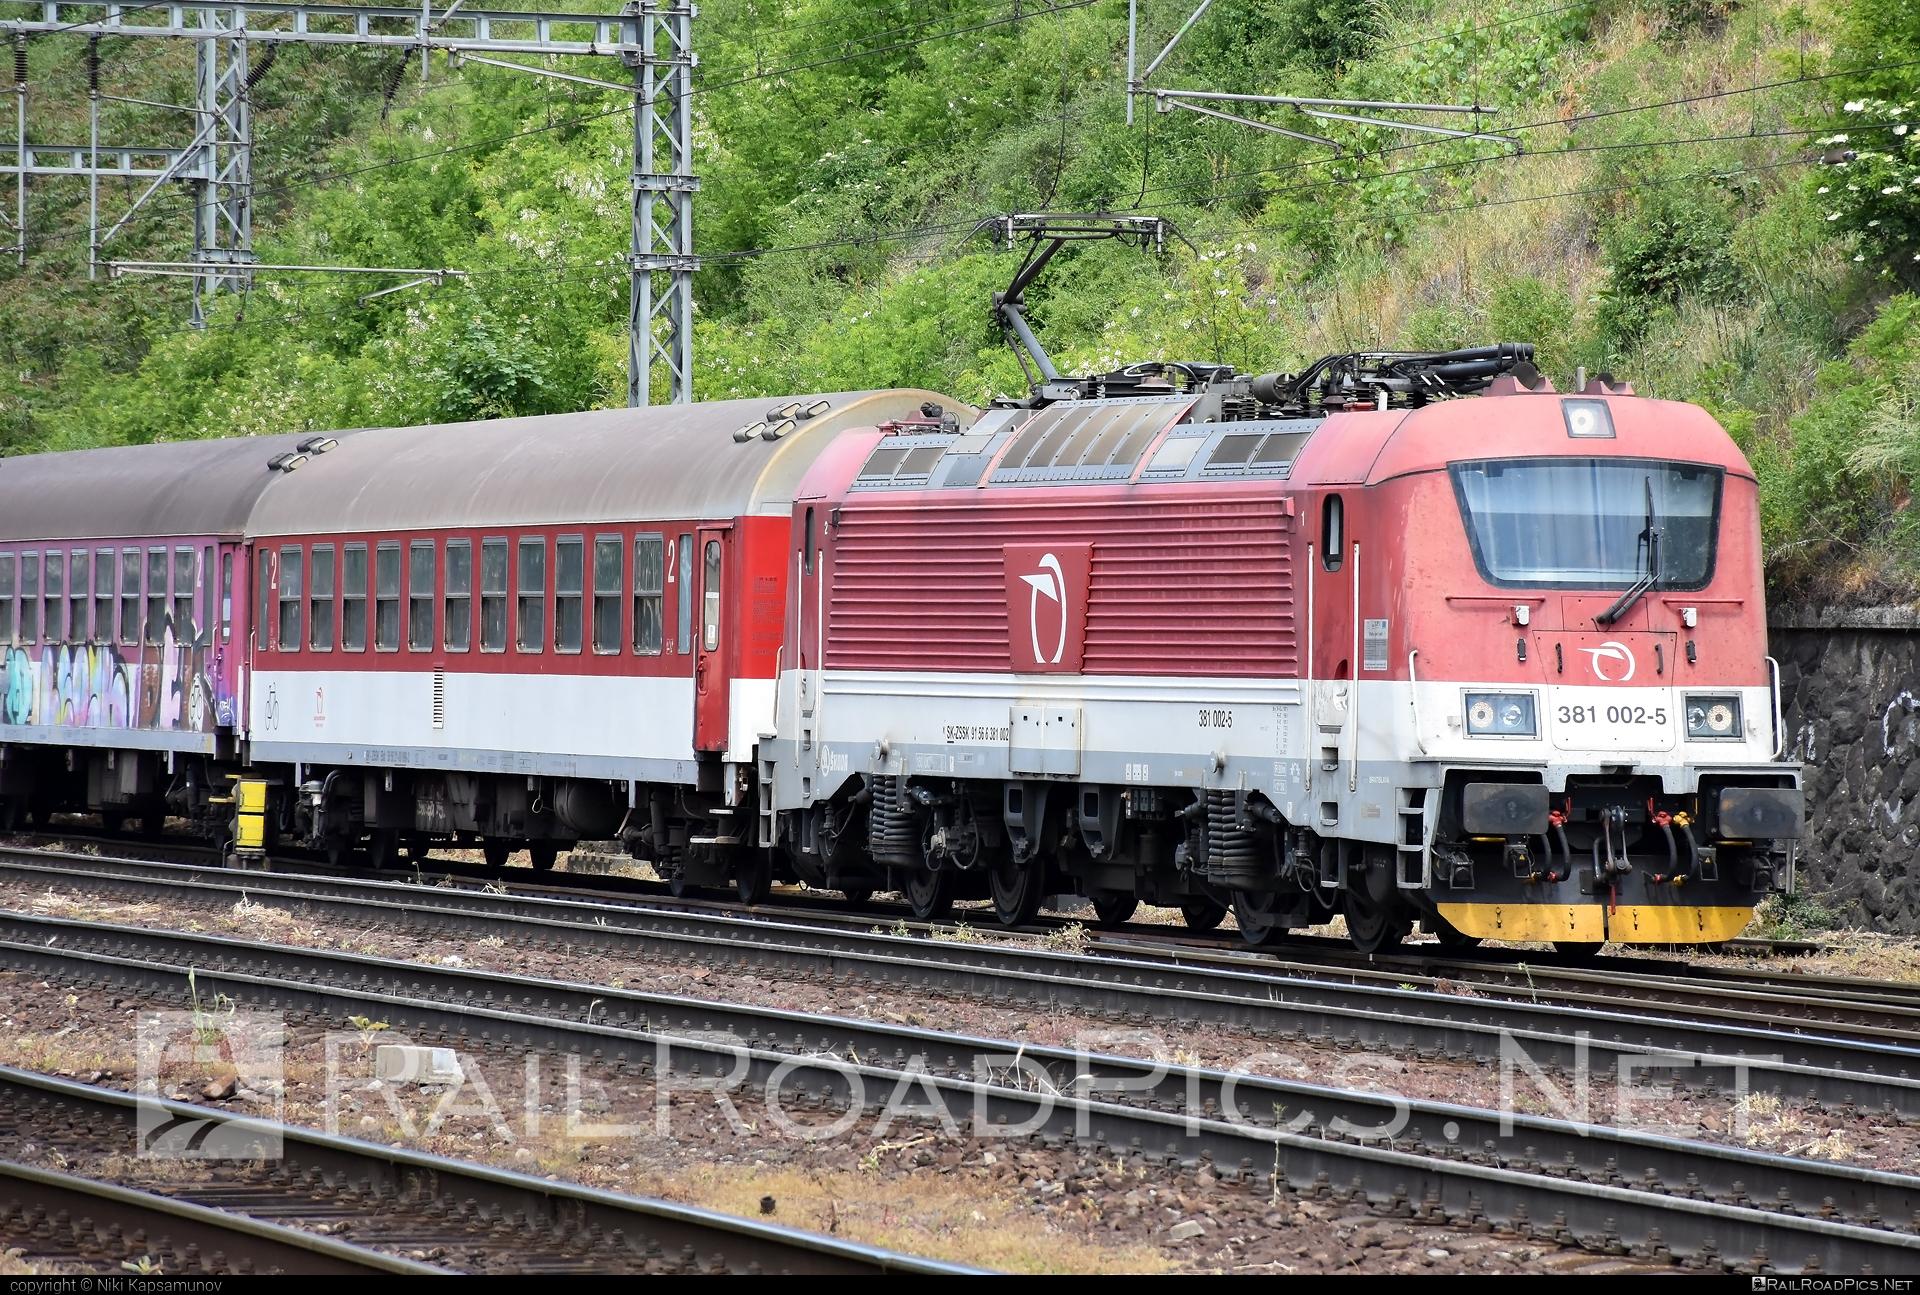 Škoda 109E2 Emil Zátopek - 381 002-5 operated by Železničná Spoločnost' Slovensko, a.s. #ZeleznicnaSpolocnostSlovensko #emilzatopeklocomotive #locomotive381 #skoda #skoda109e #skoda109elocomotive #zssk